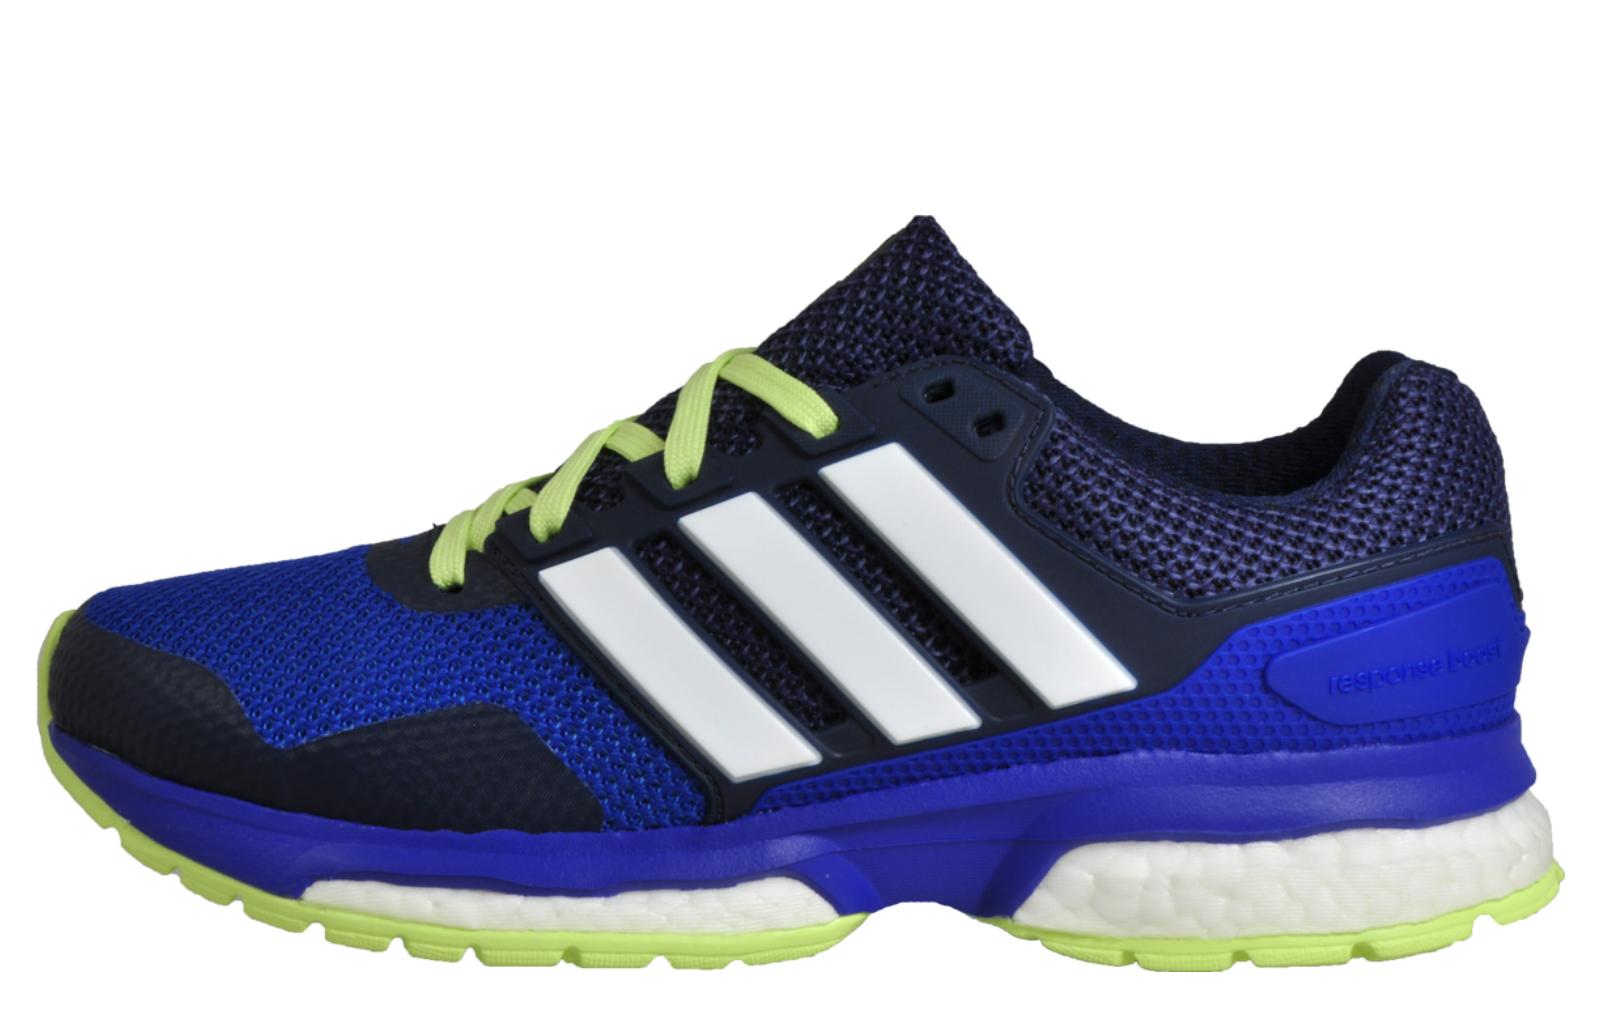 c93af7d676ec6c Adidas Response Boost 2 Womens - AD165522